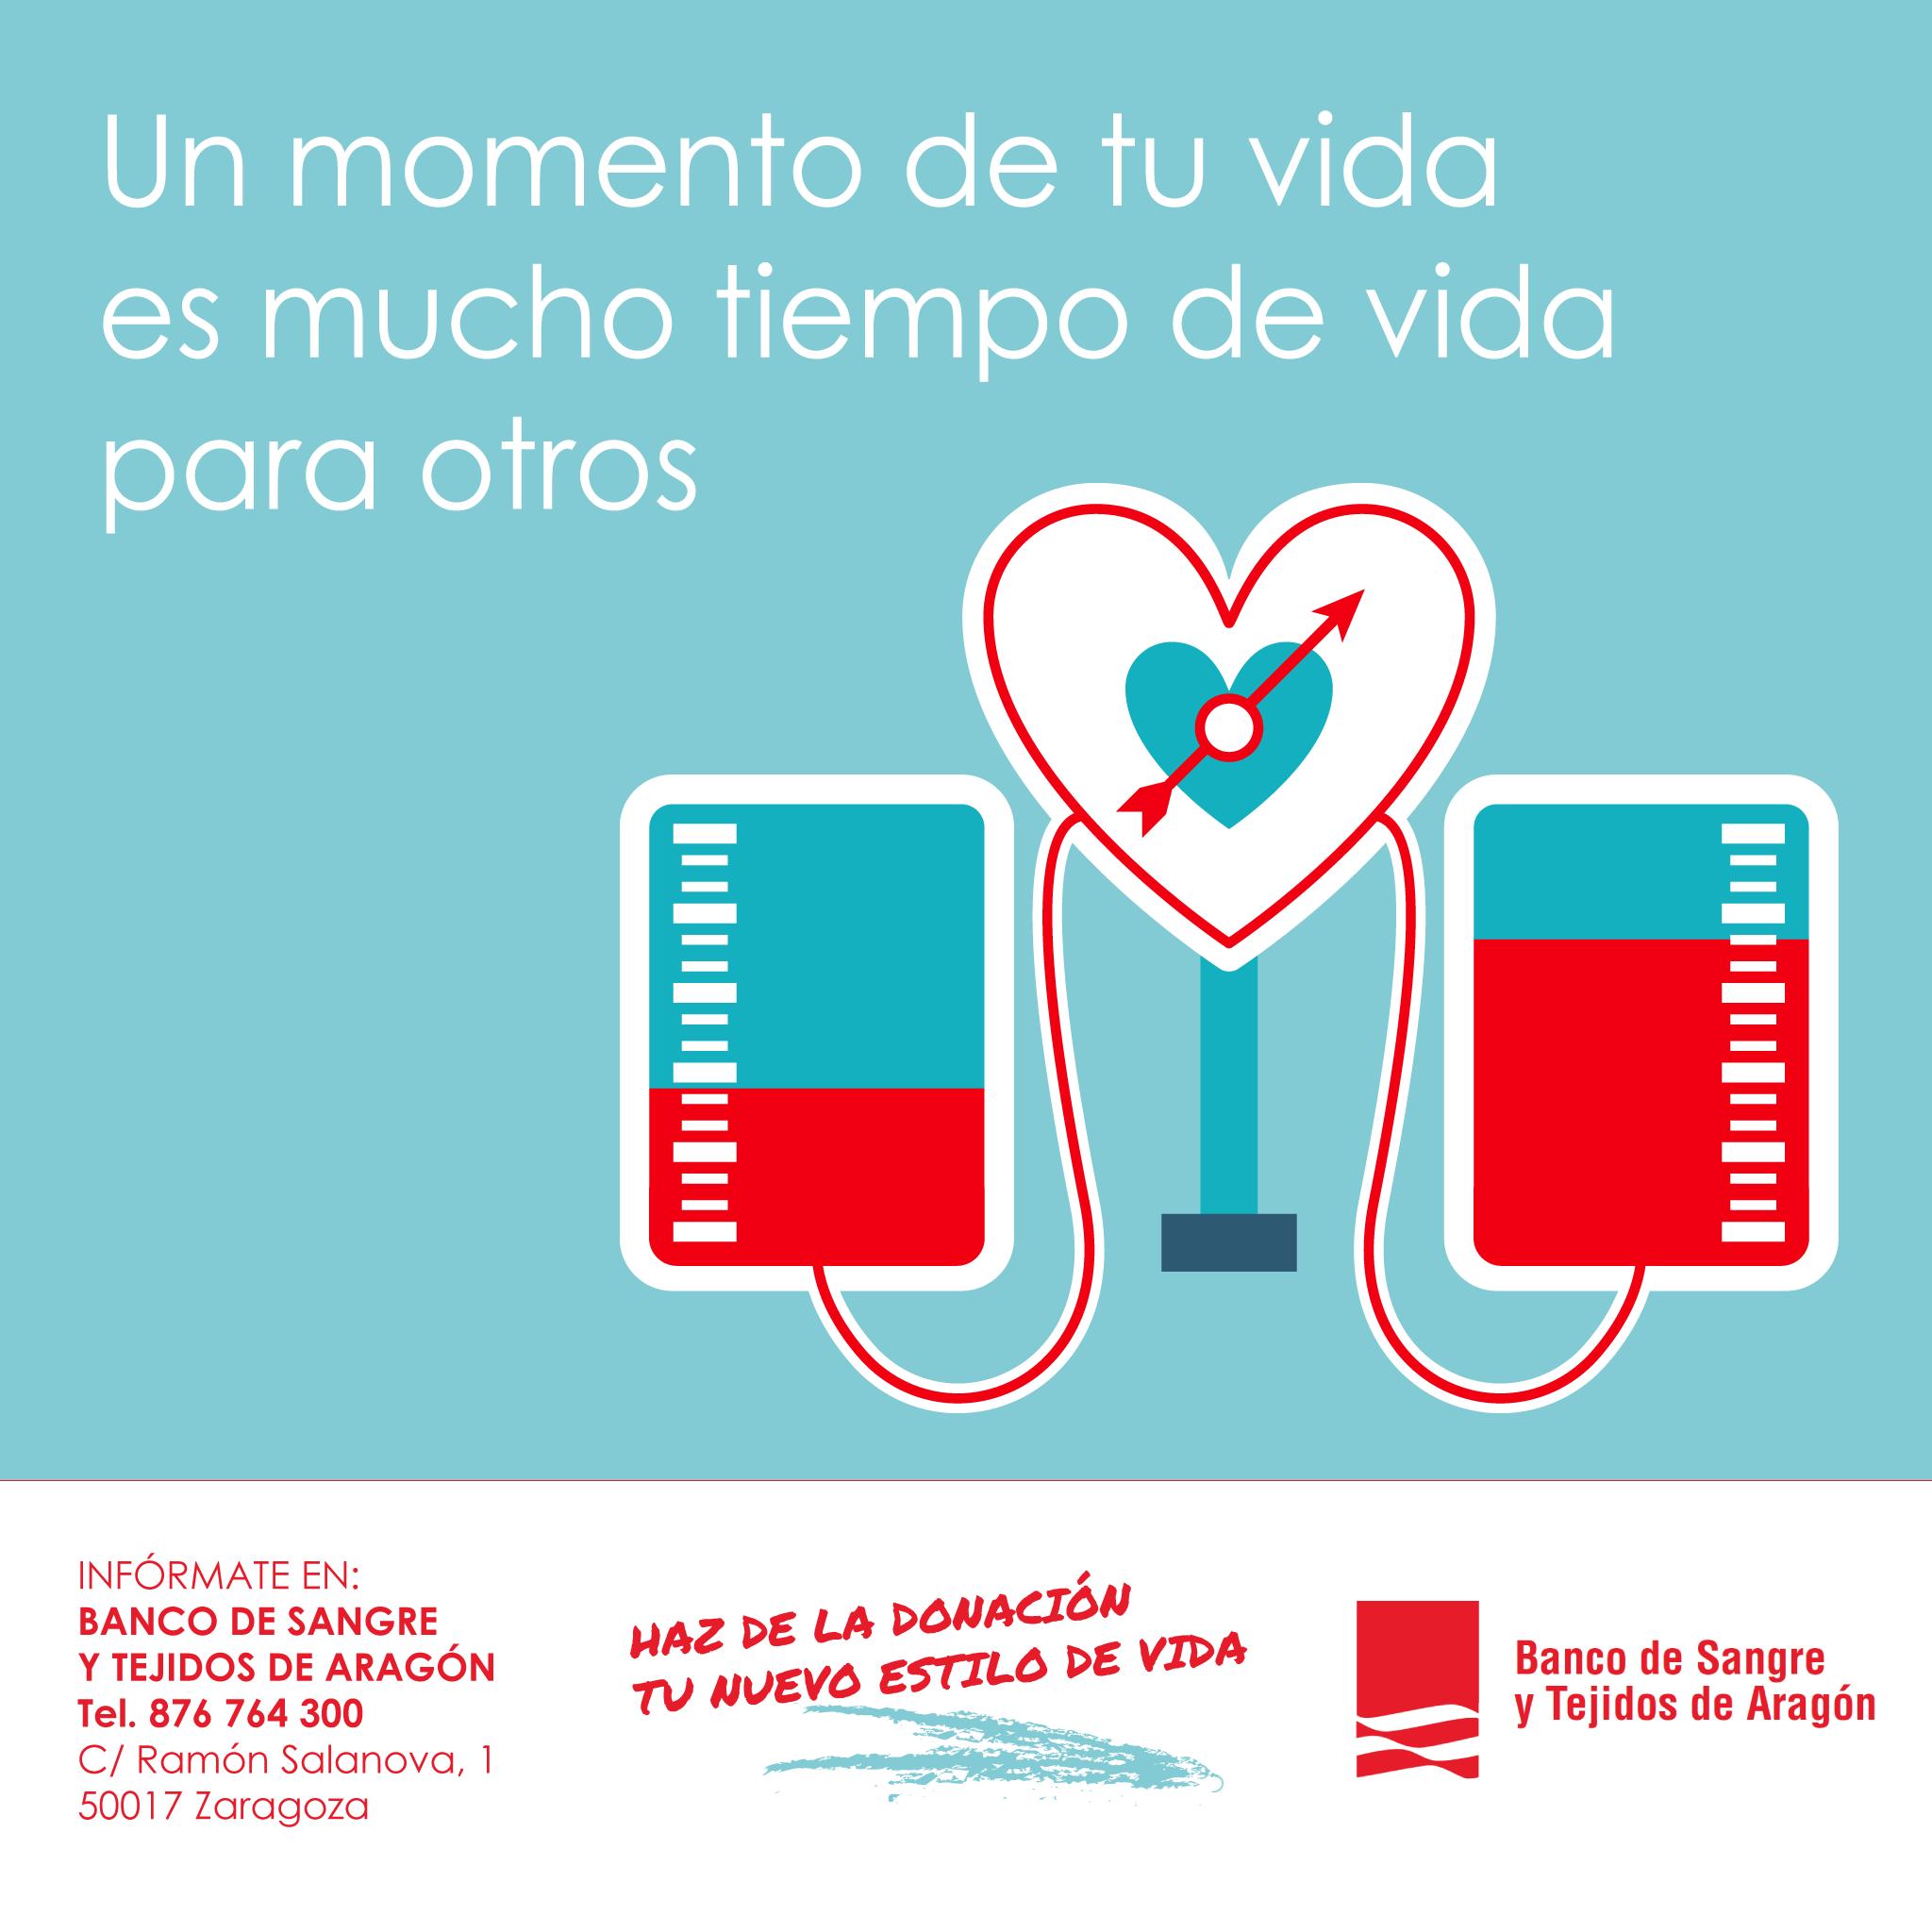 CONSULTA LOS PUNTOS DE DONACIÓN